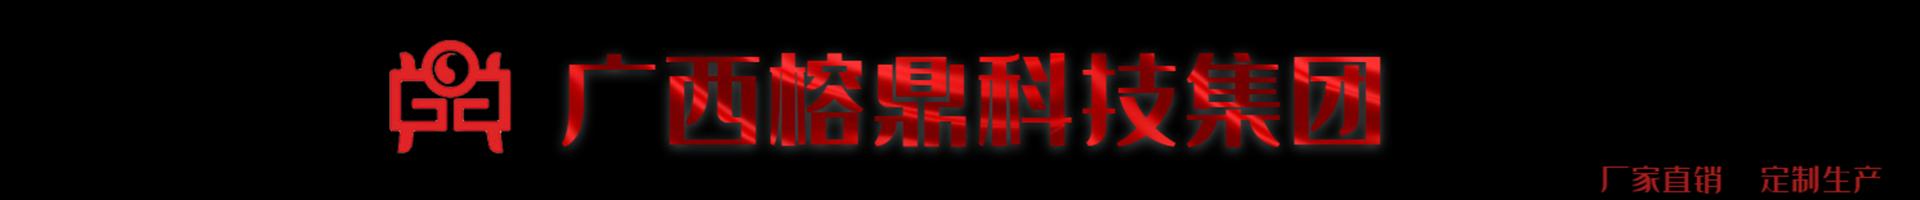 南宁市榕鼎金属制造有限公司